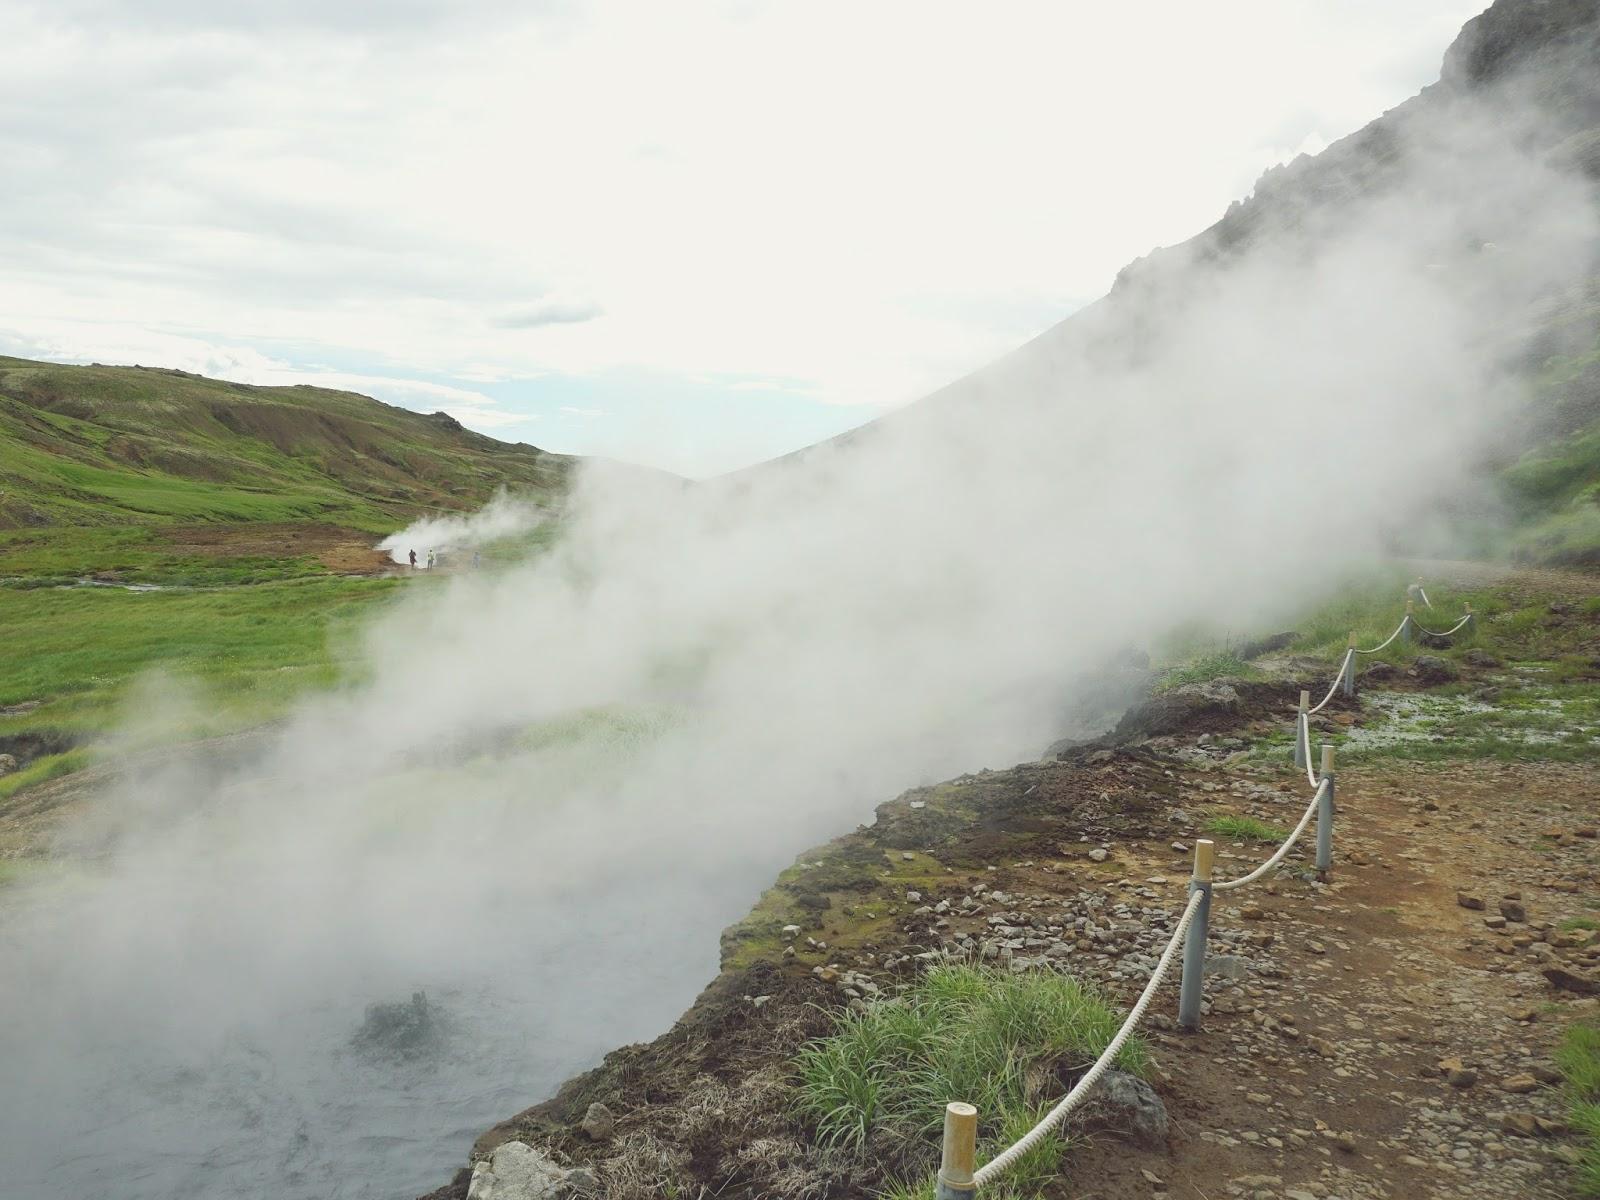 Parująca Dolina, Steam Valley, Reykjadalur, hot river, żródla geotermalne, parująca rzeka, wakacje w Islandii